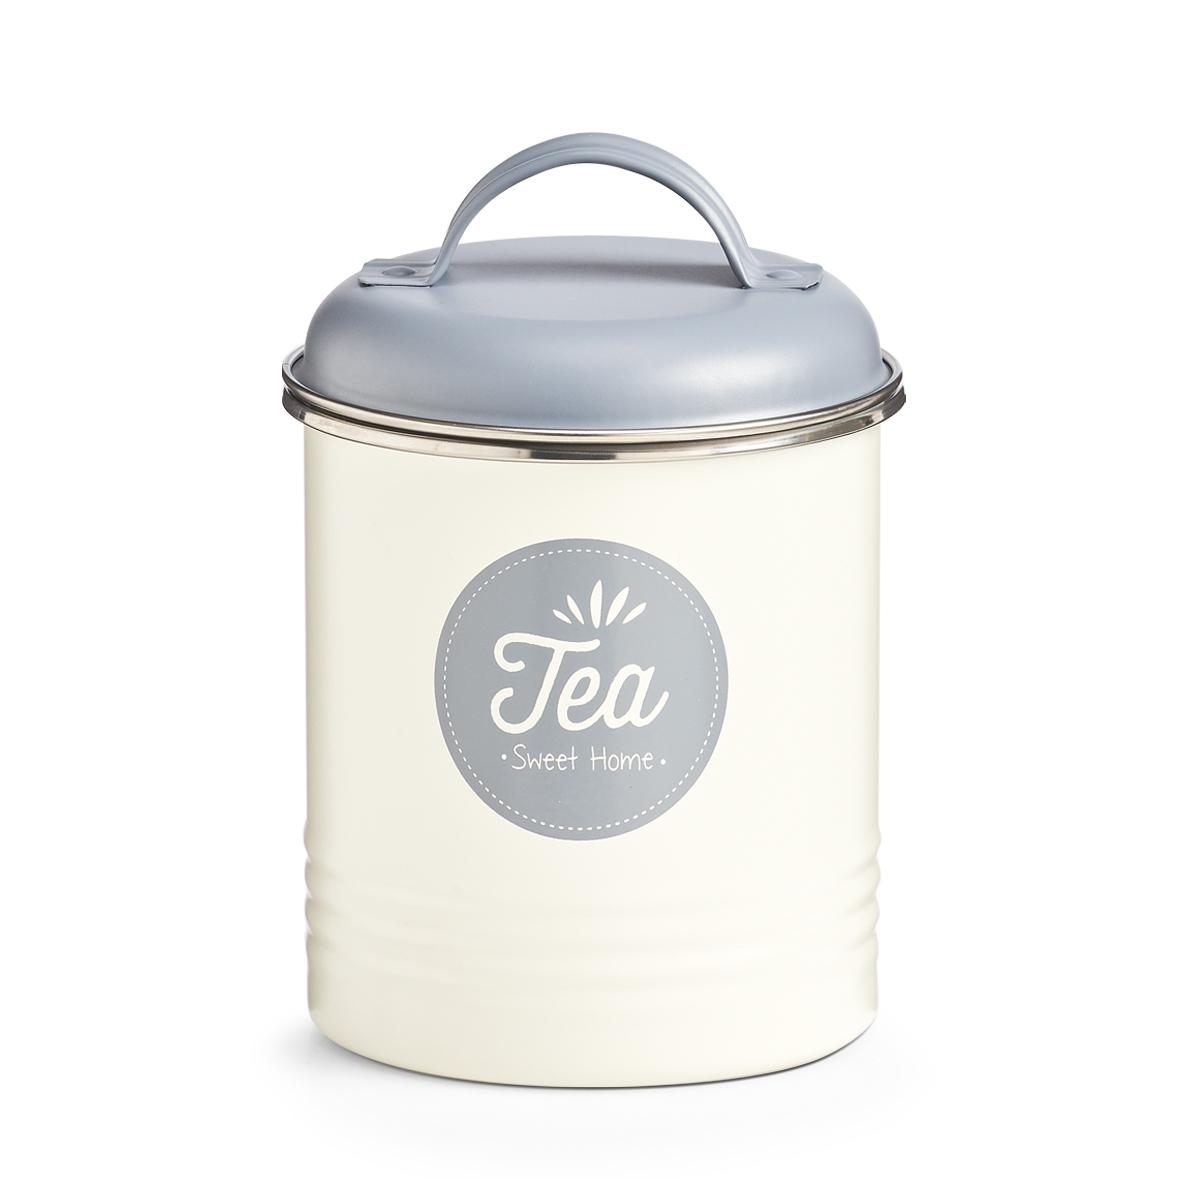 Cutie metalica cu capac pentru ceai, Sweet Home Crem / Gri, Ø11,3xH16,5 cm imagine